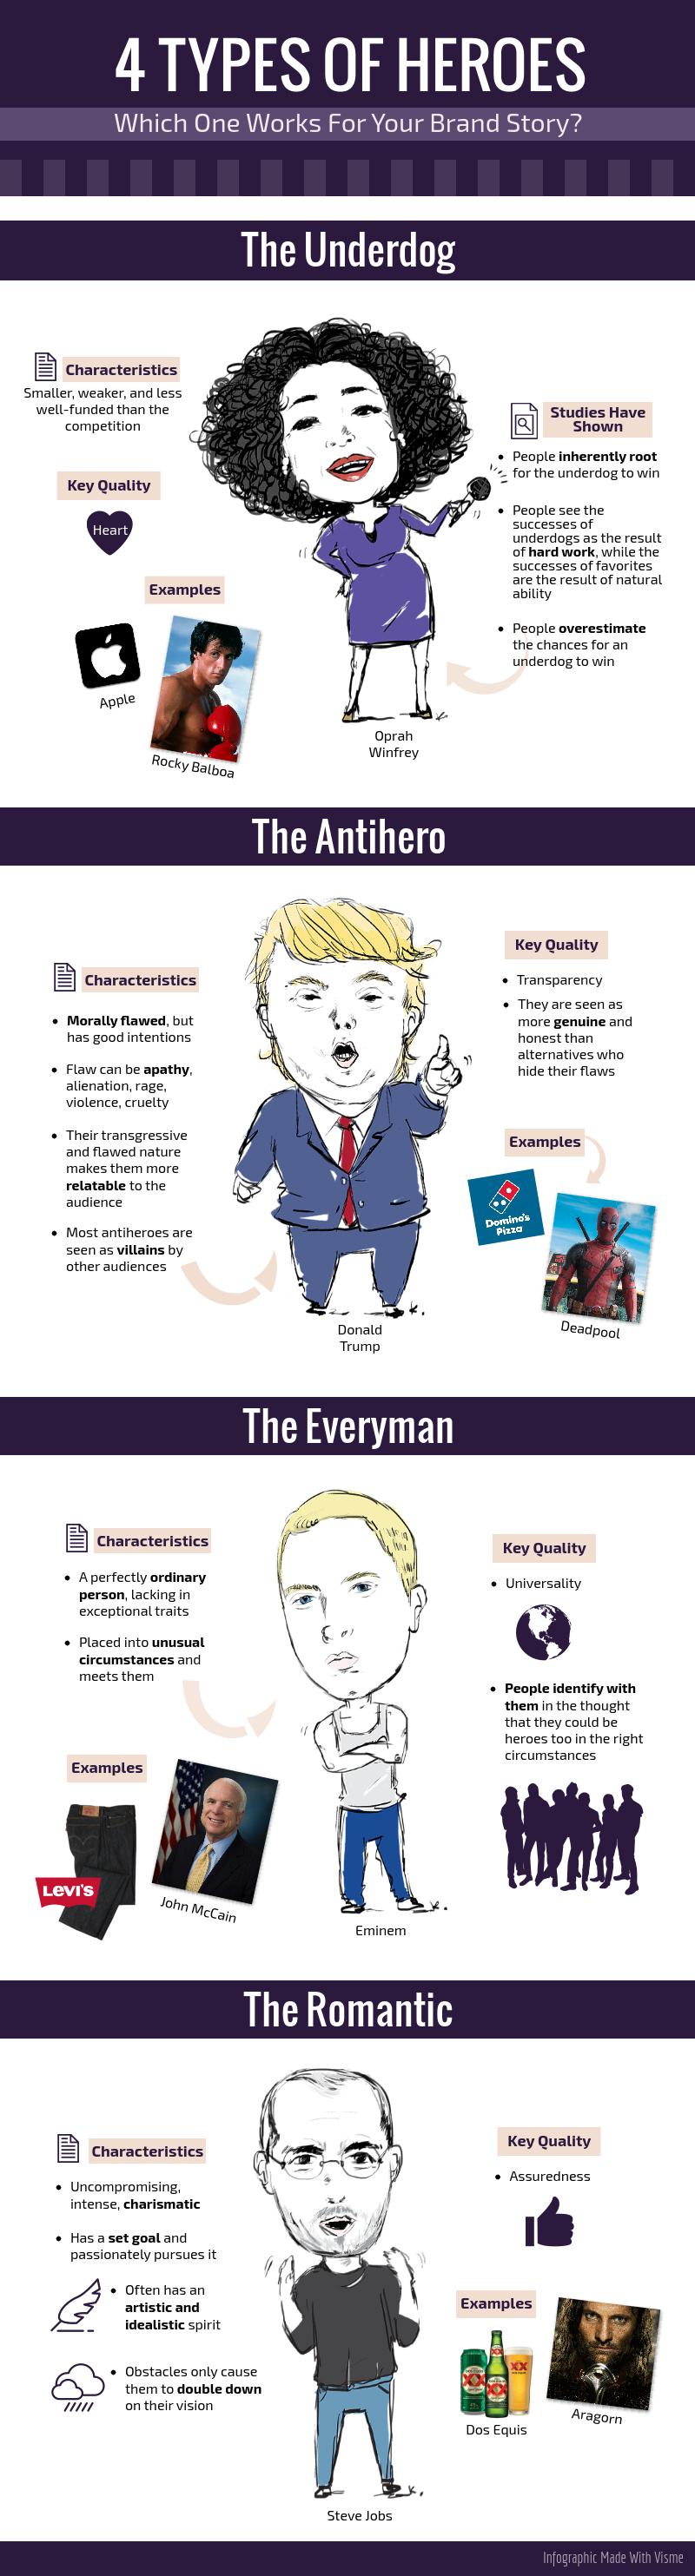 brand_hero_archetypes_infographic